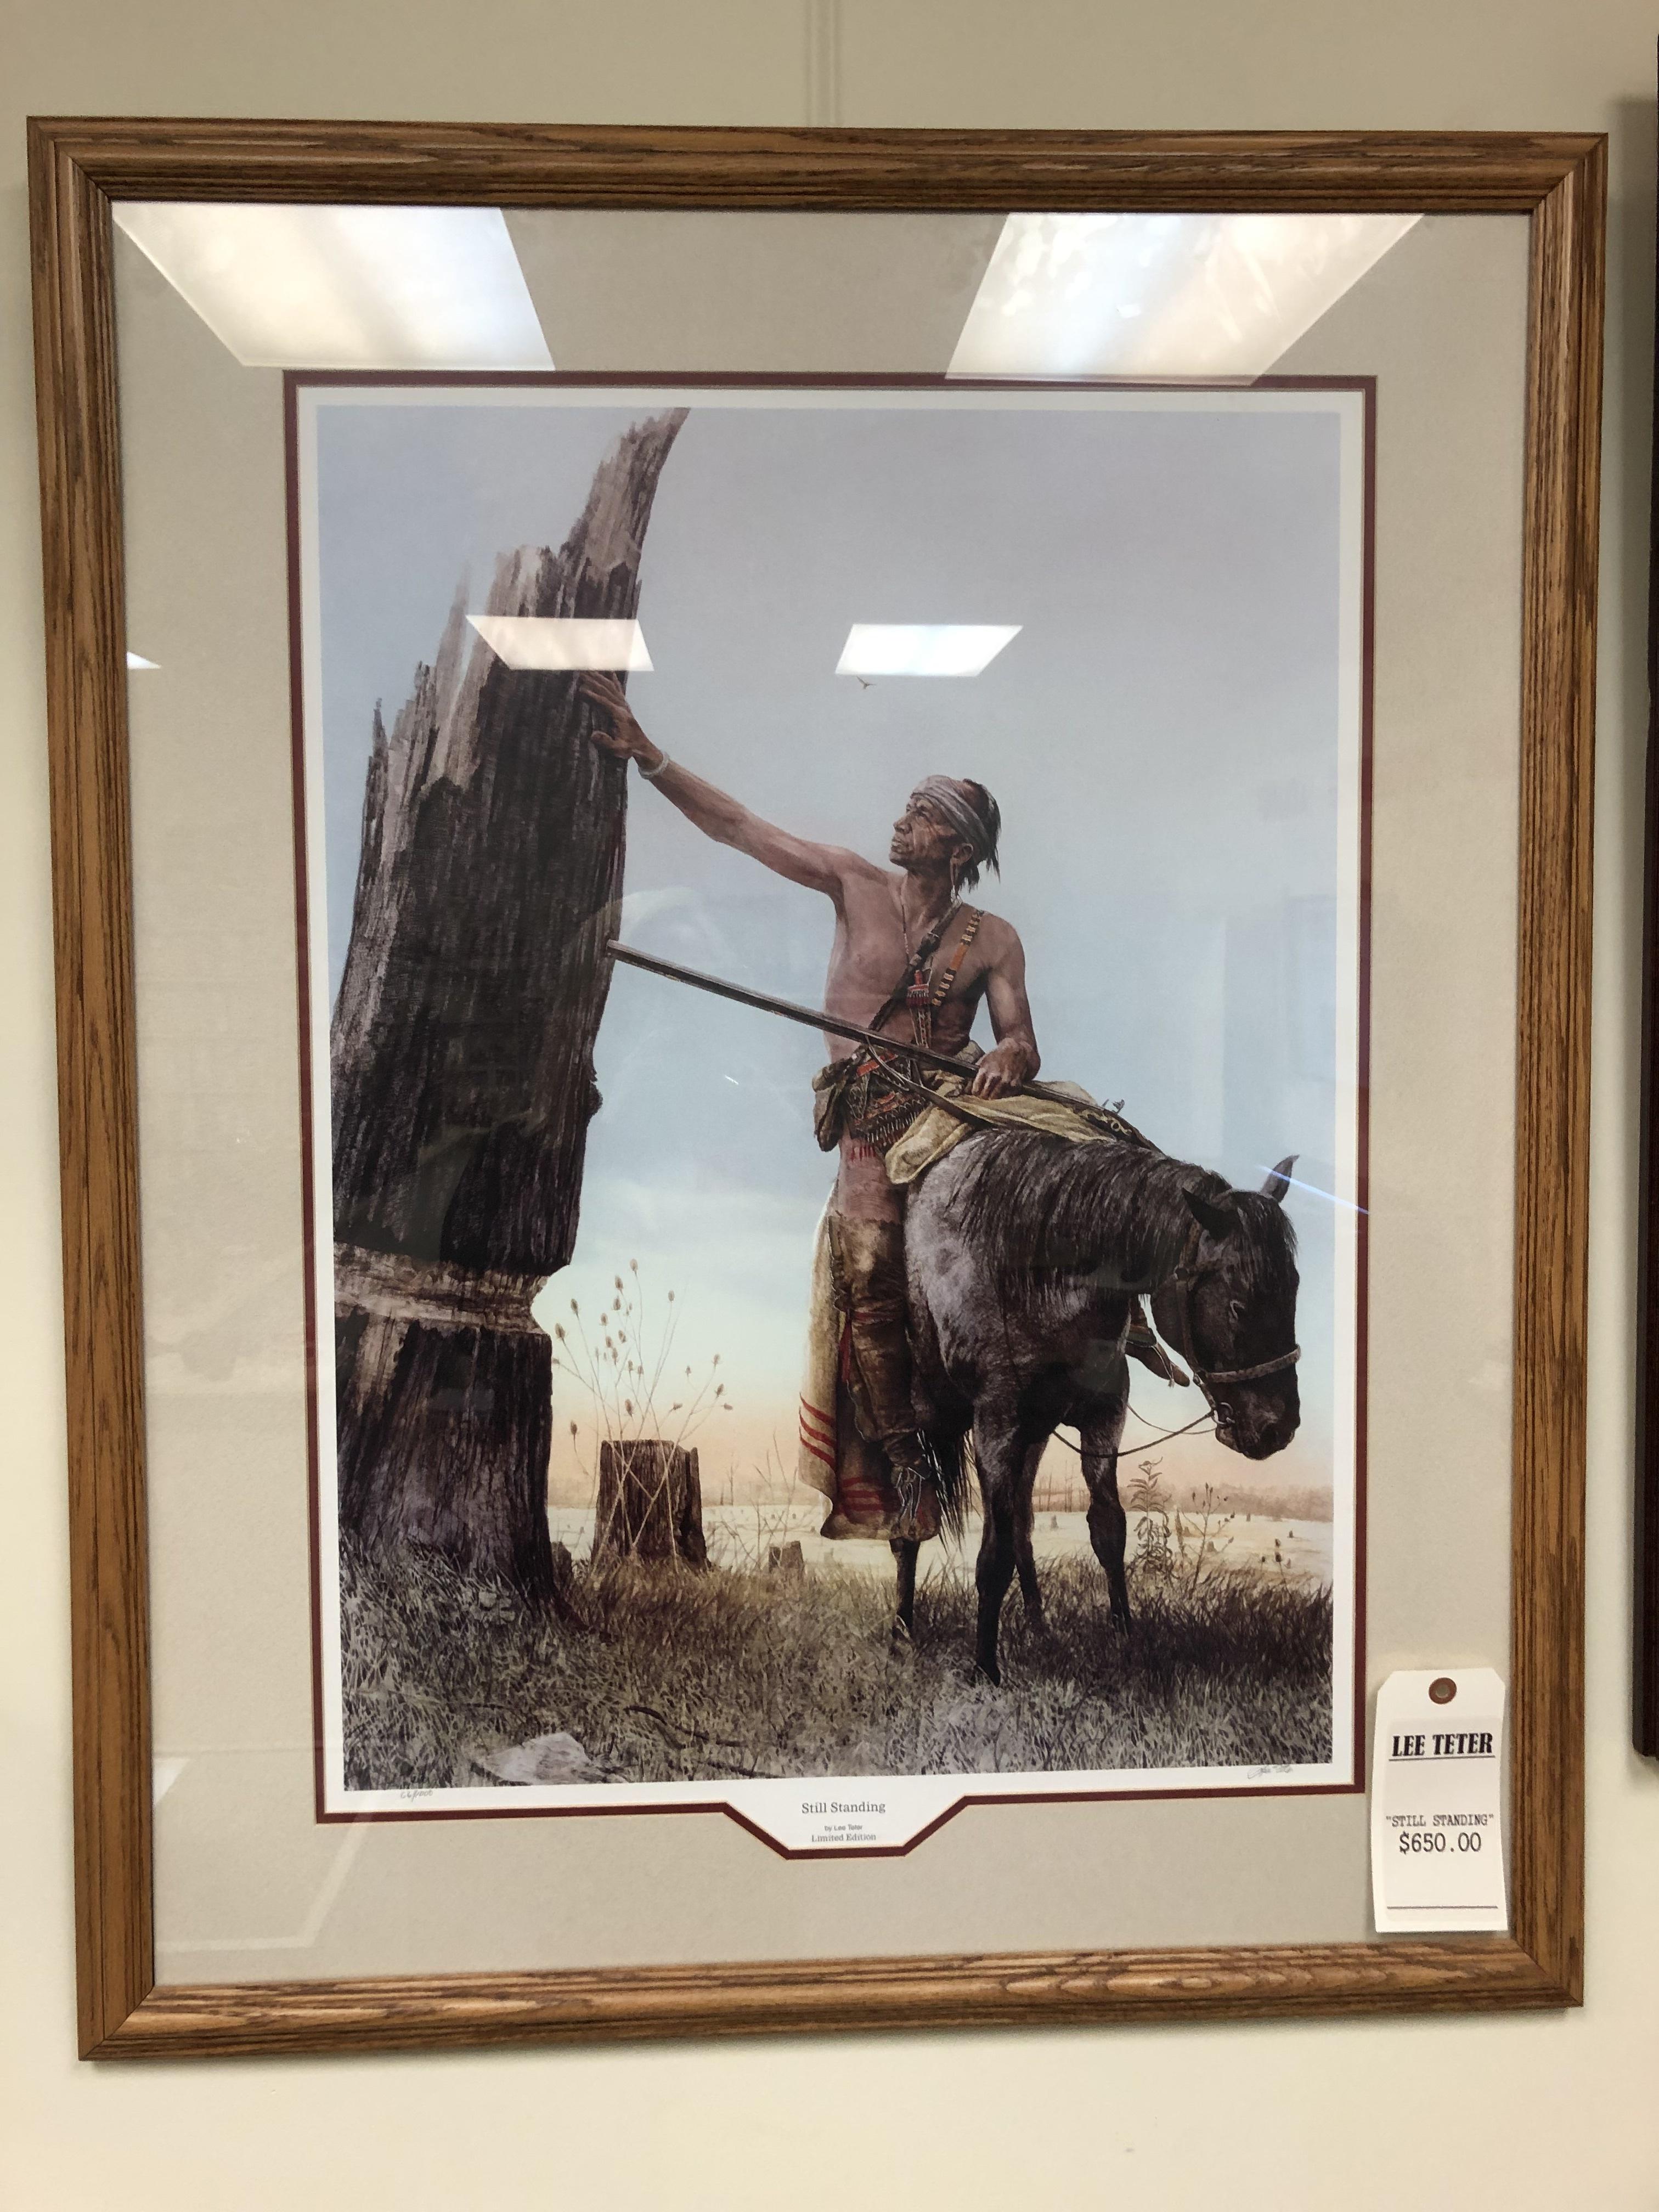 ART/COLLECTIBLES: LEE TETER - STILL STANDING